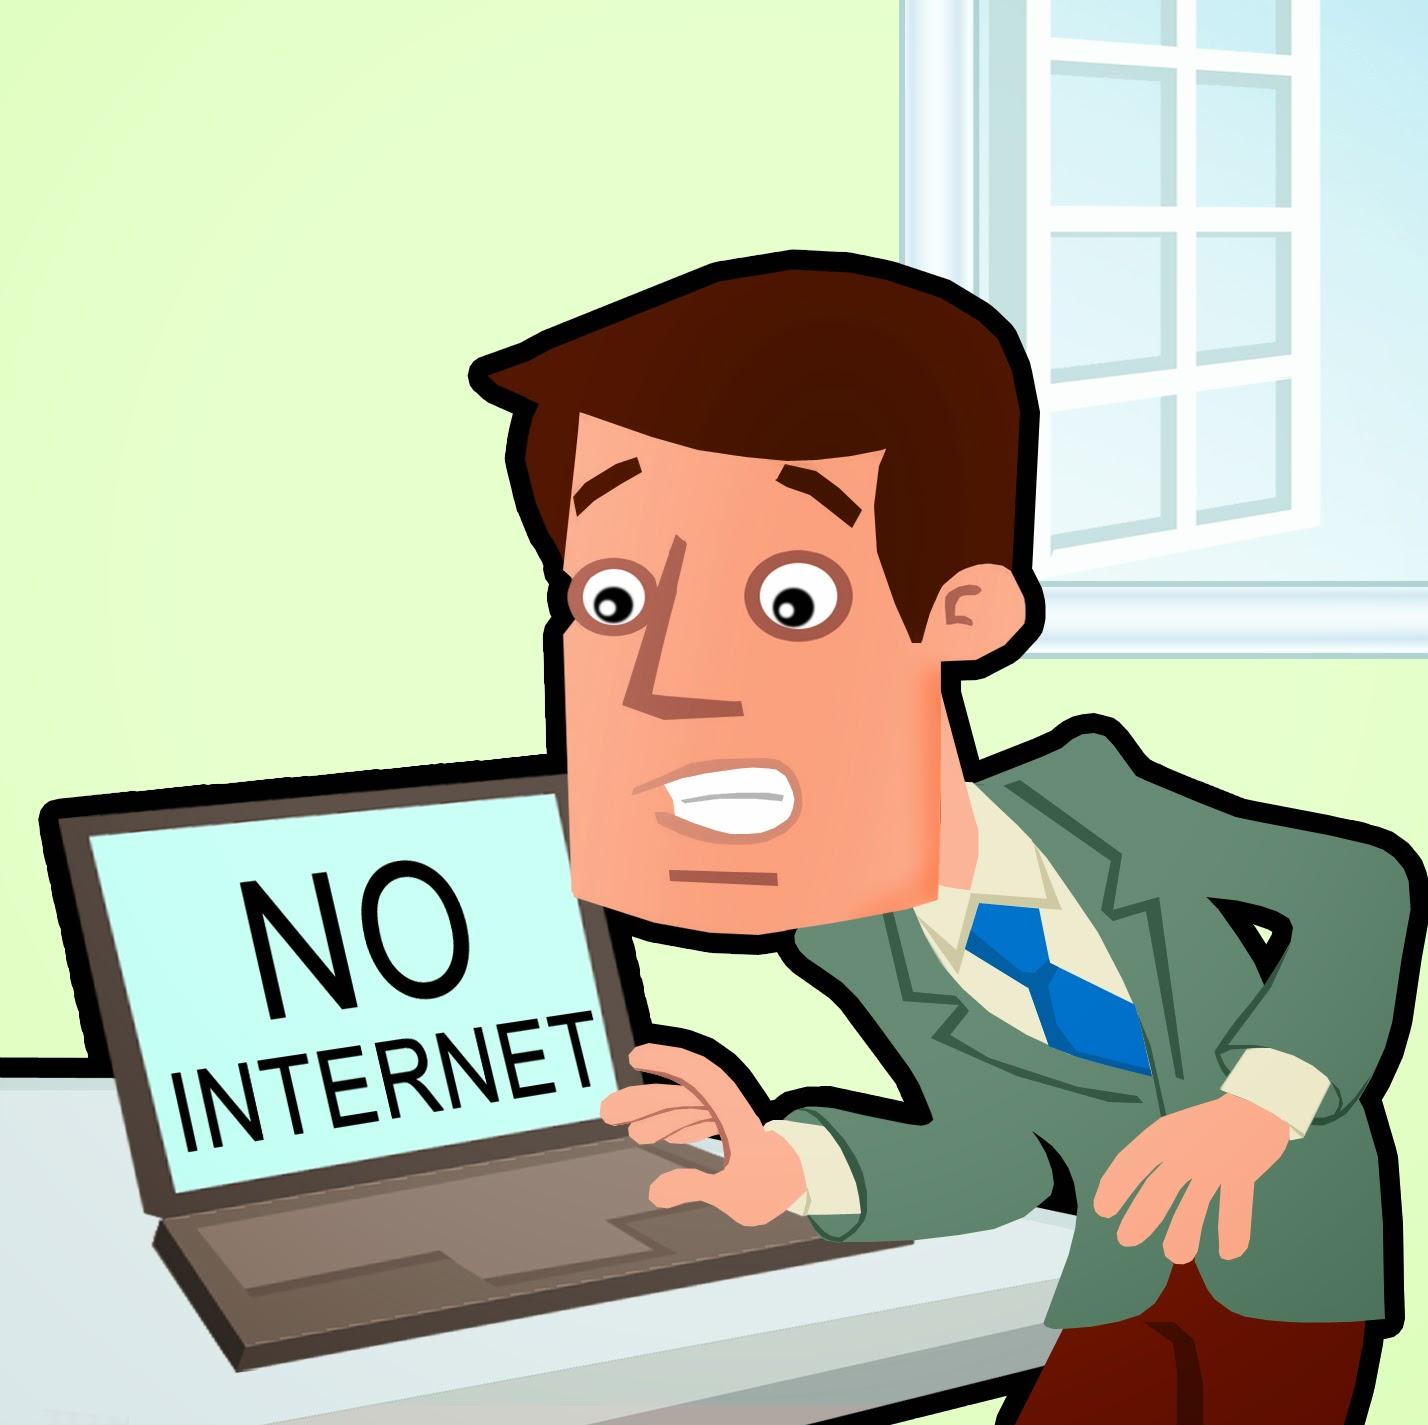 3 اشياء يمكنك القيام بها عندما ينقطع عنك  الانترنت